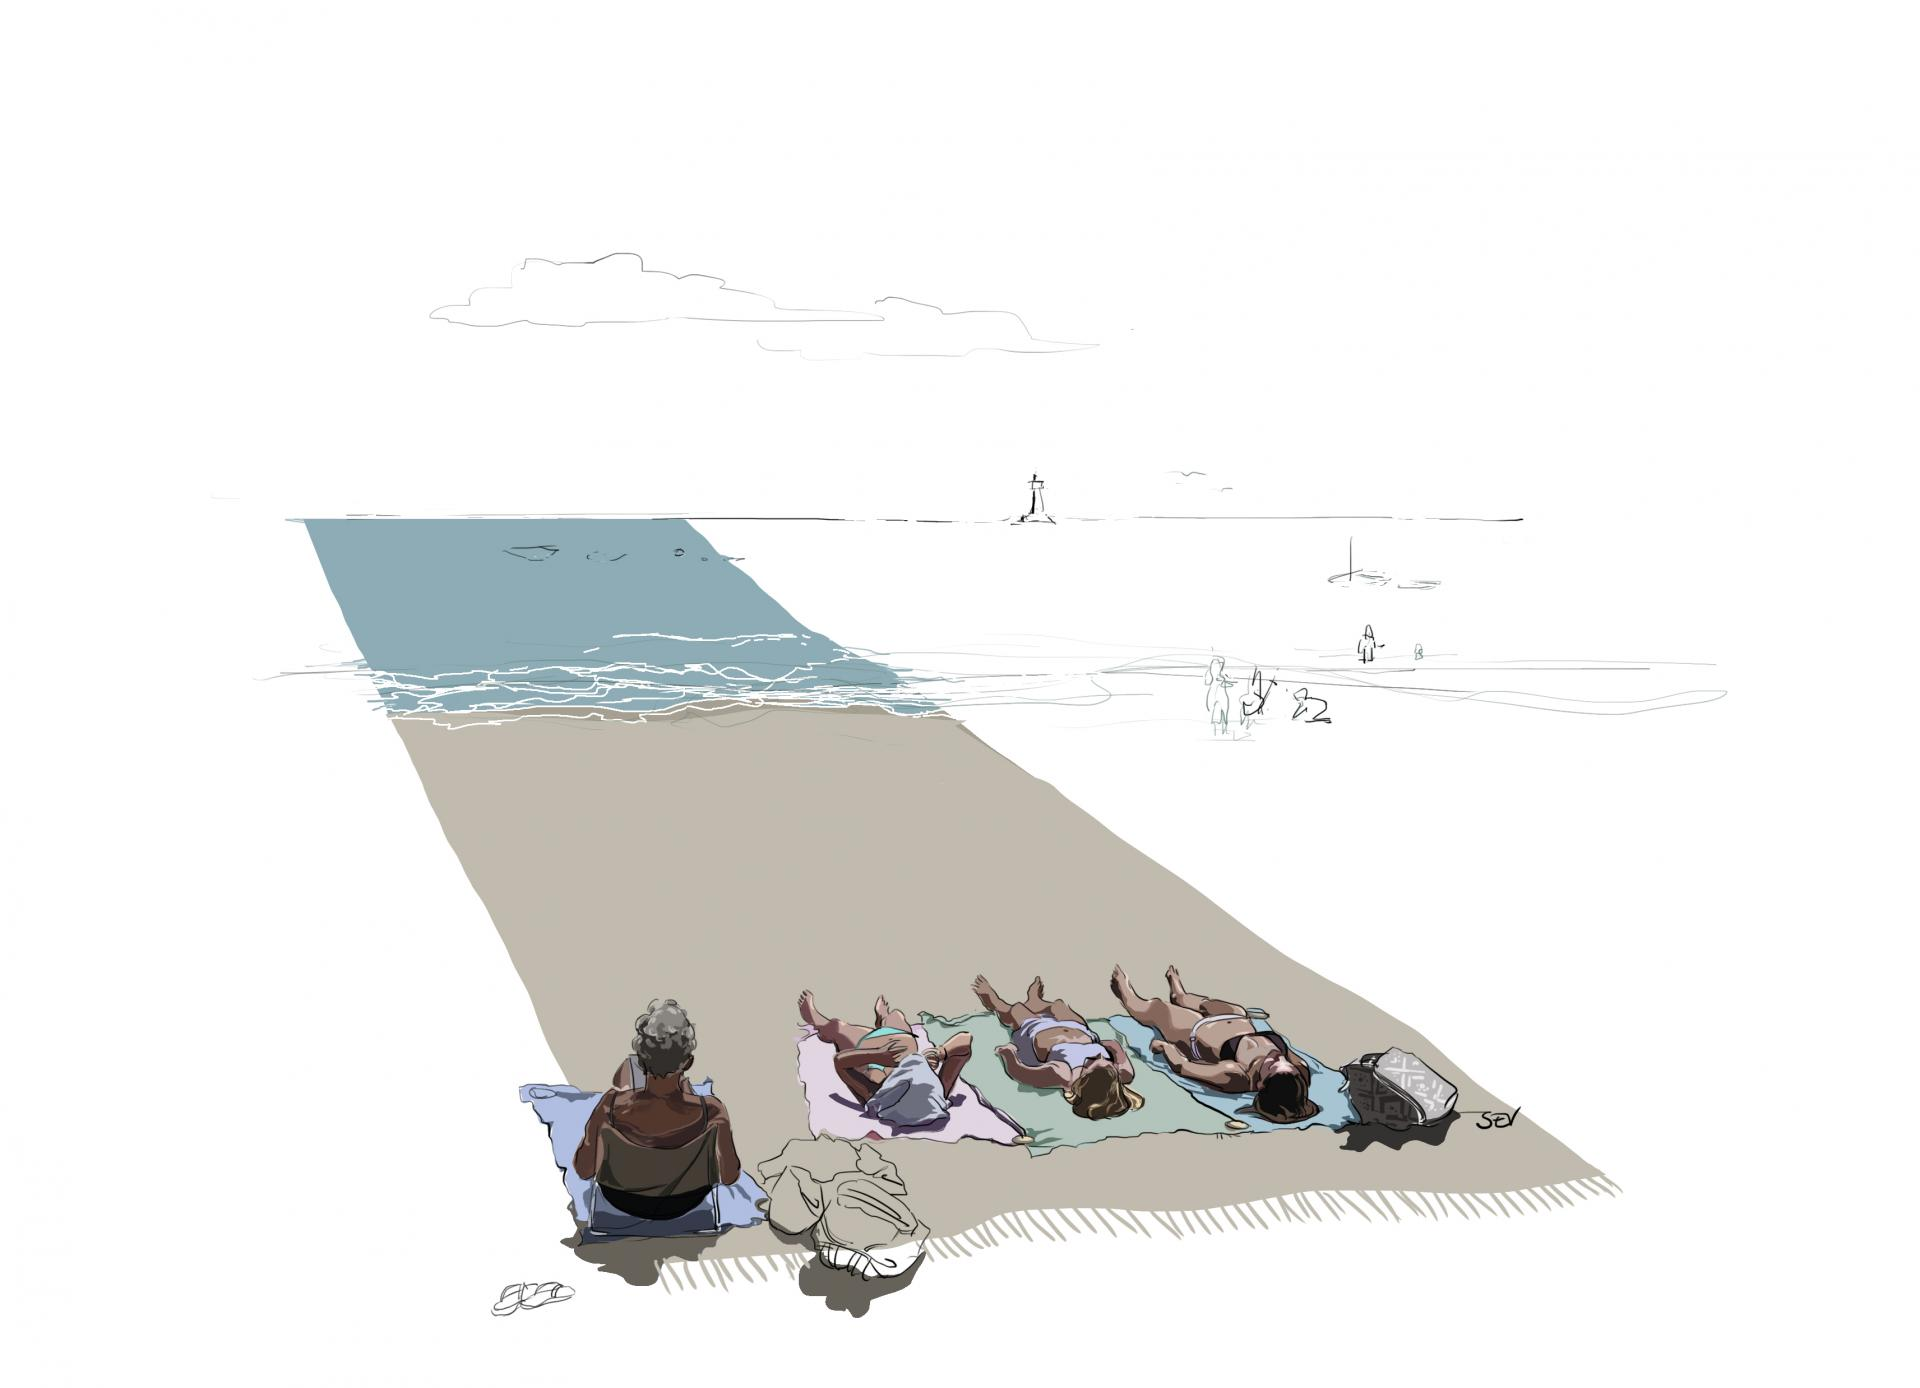 La plage pour soi